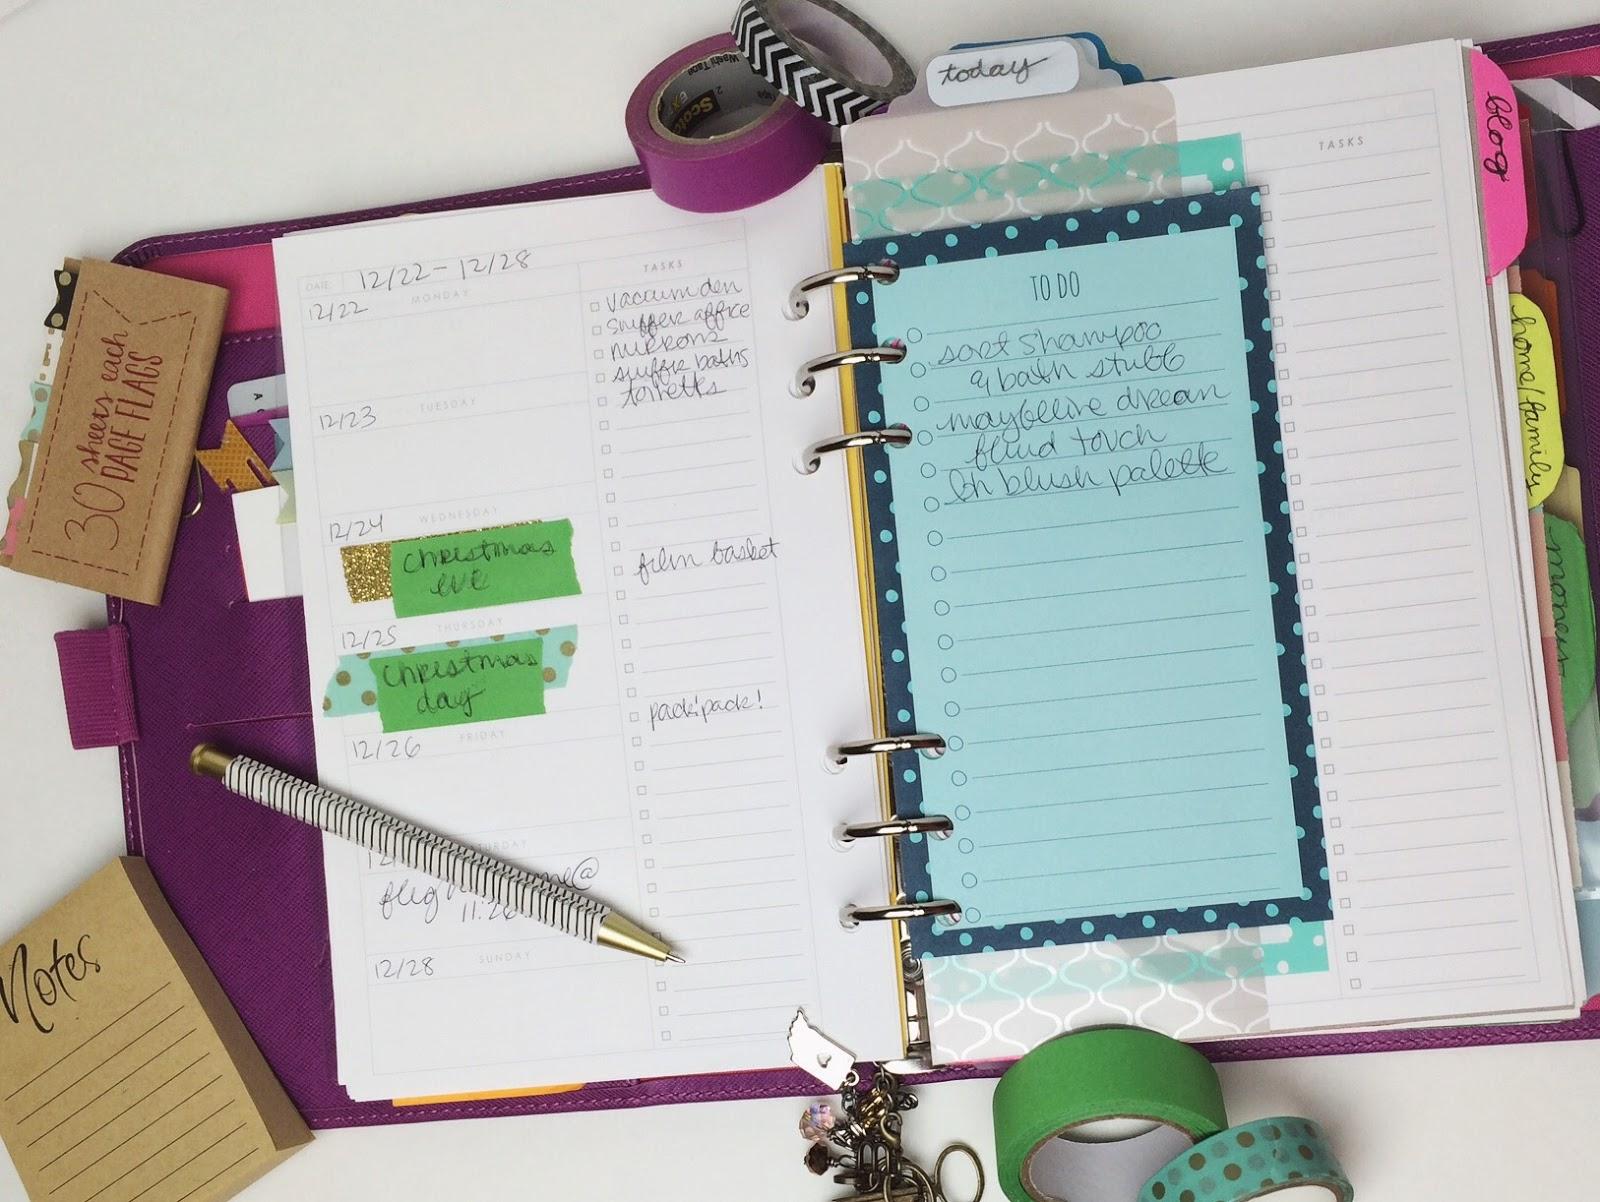 Kitchen Remodel Item Checklist